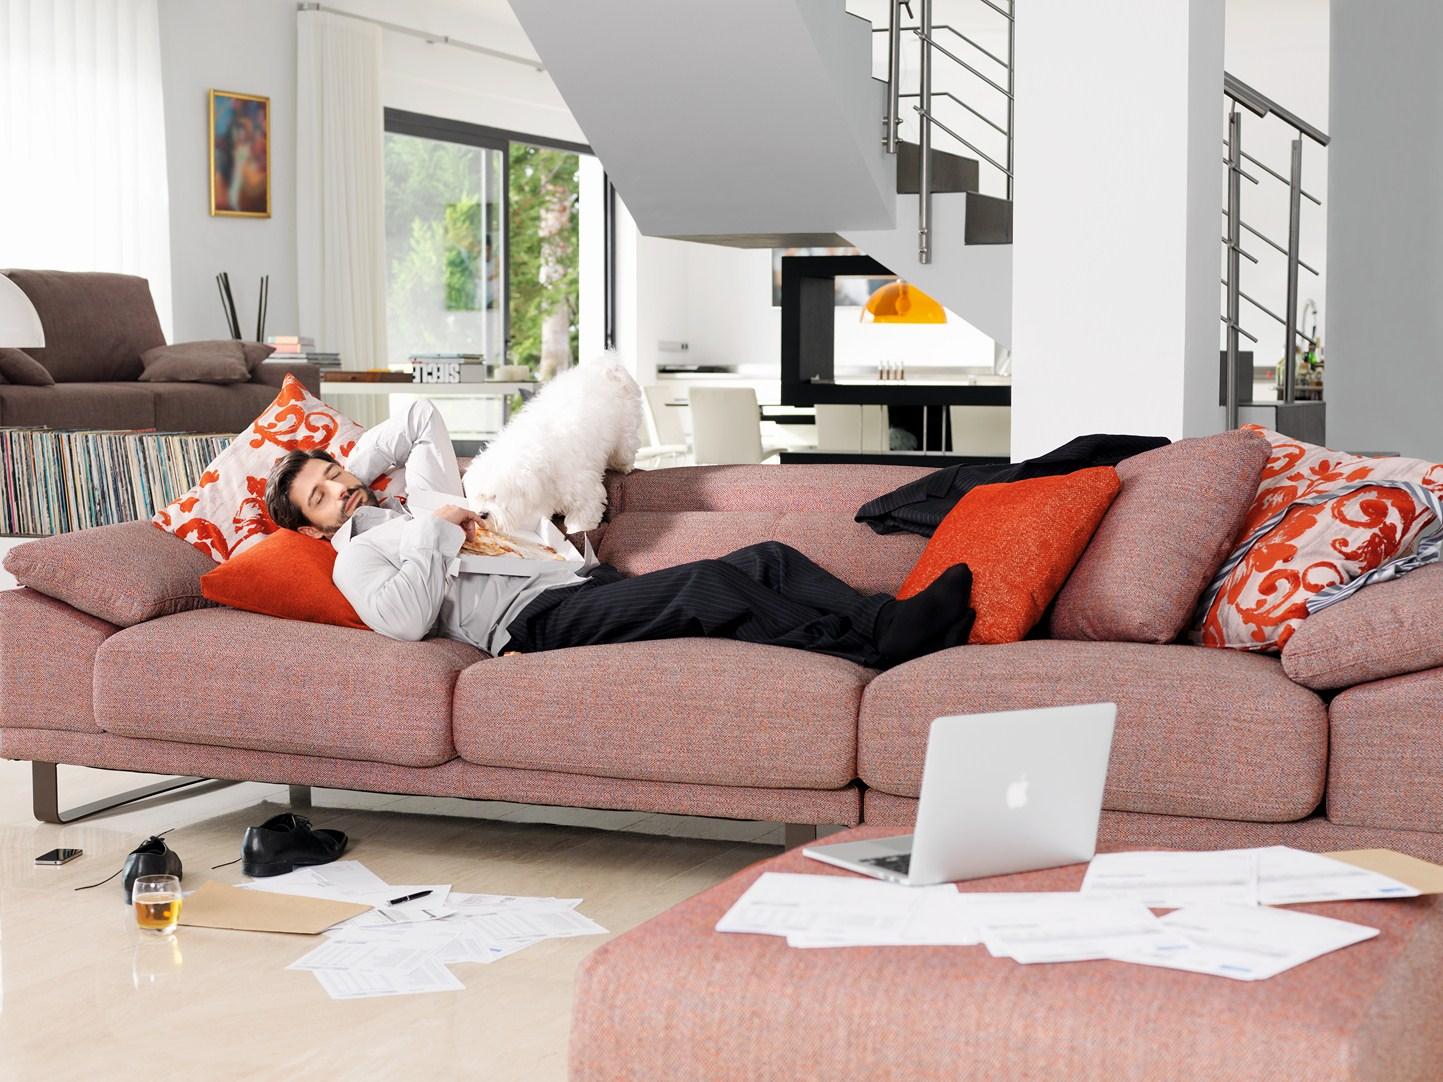 Sillones archivos telasparatapizar blog - Tapiceria para sofas ...